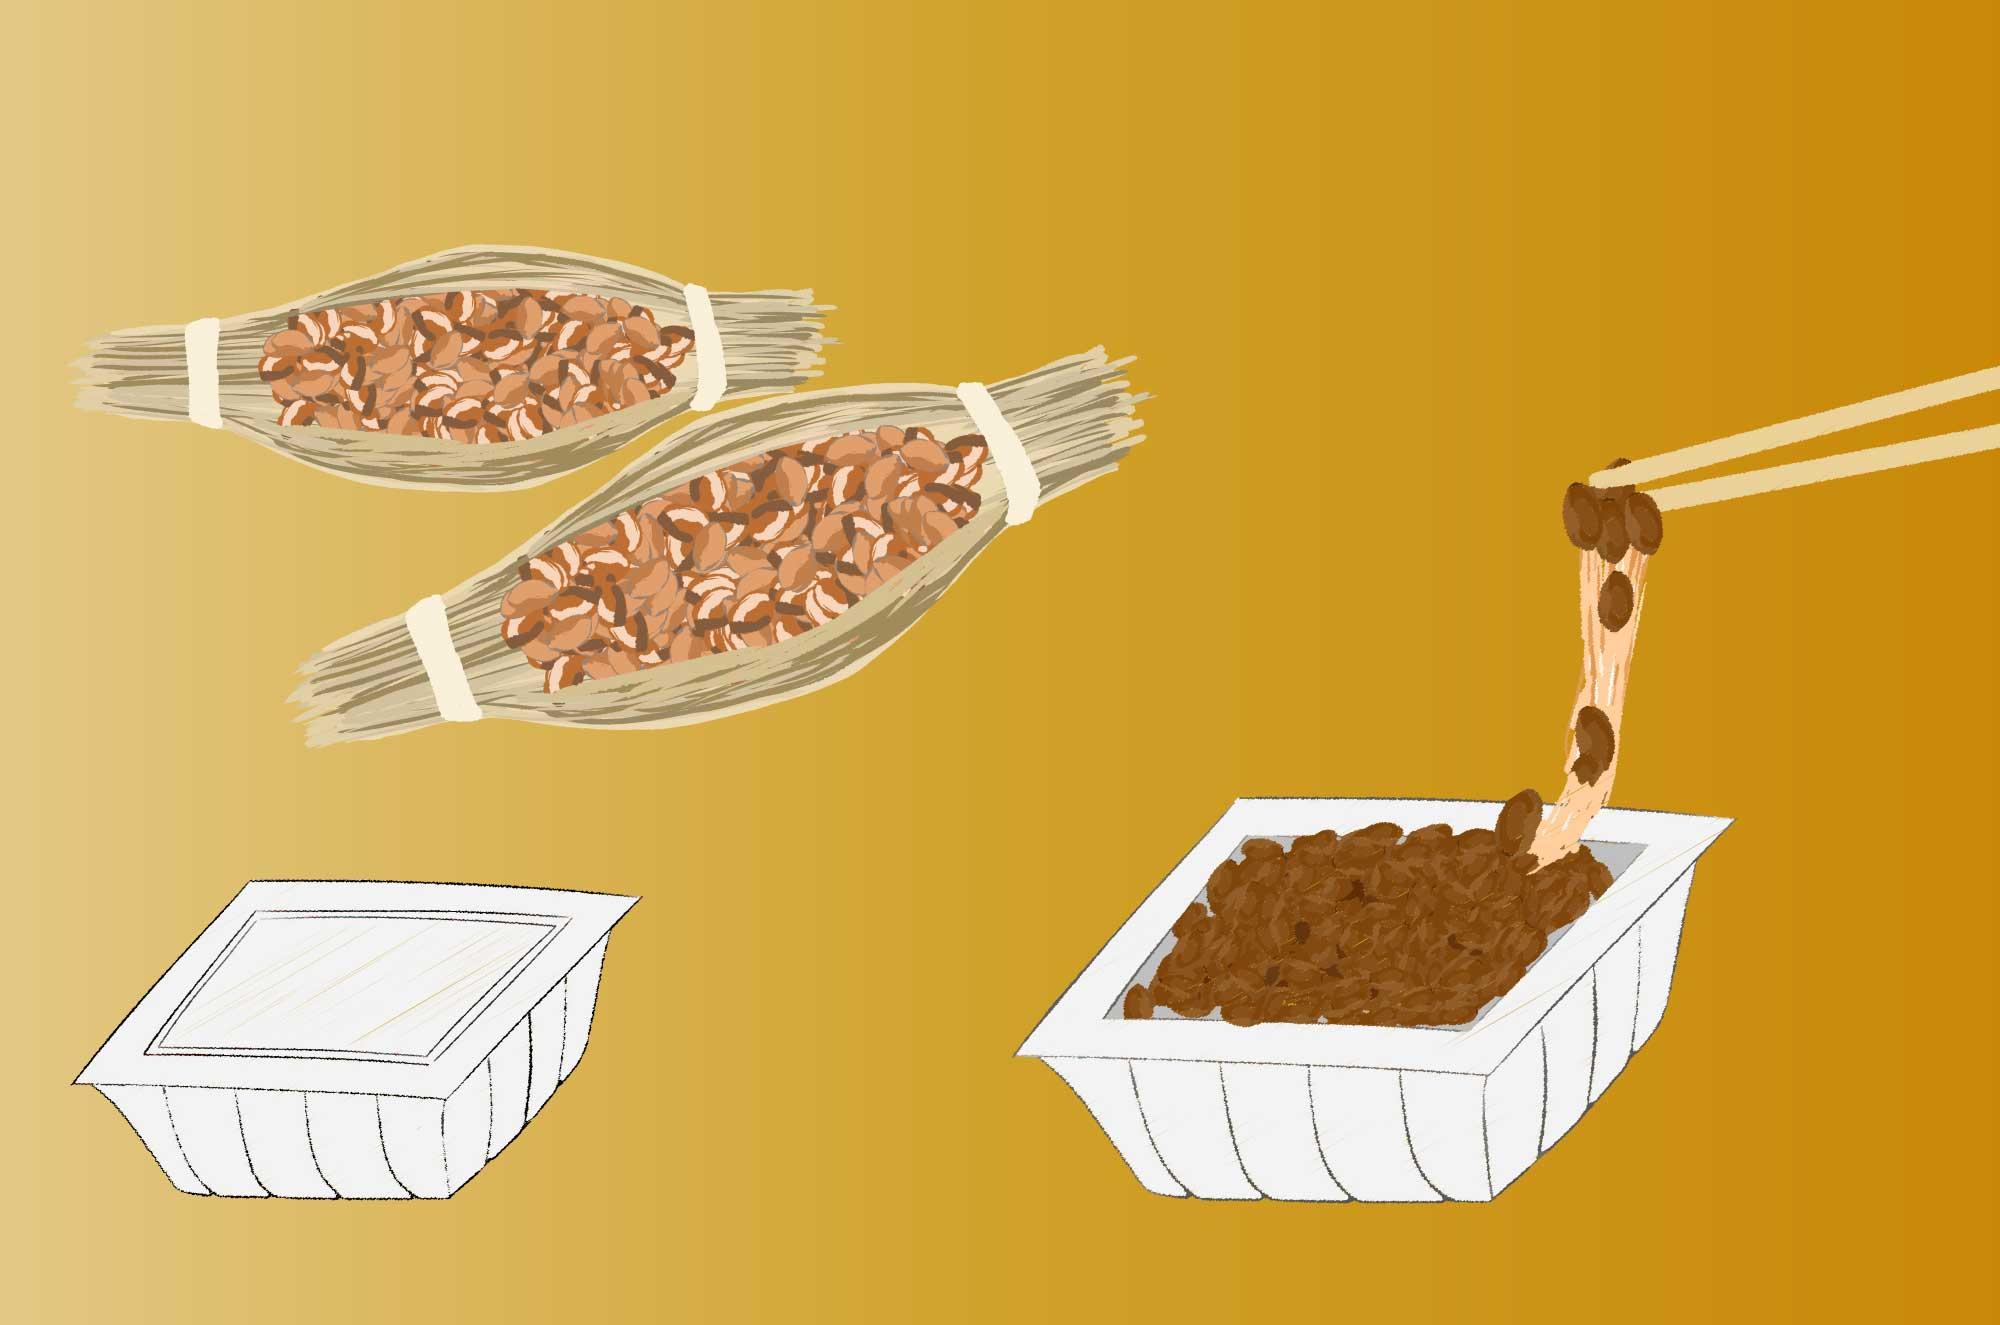 納豆の無料イラスト - パックに入った定番おかず素材